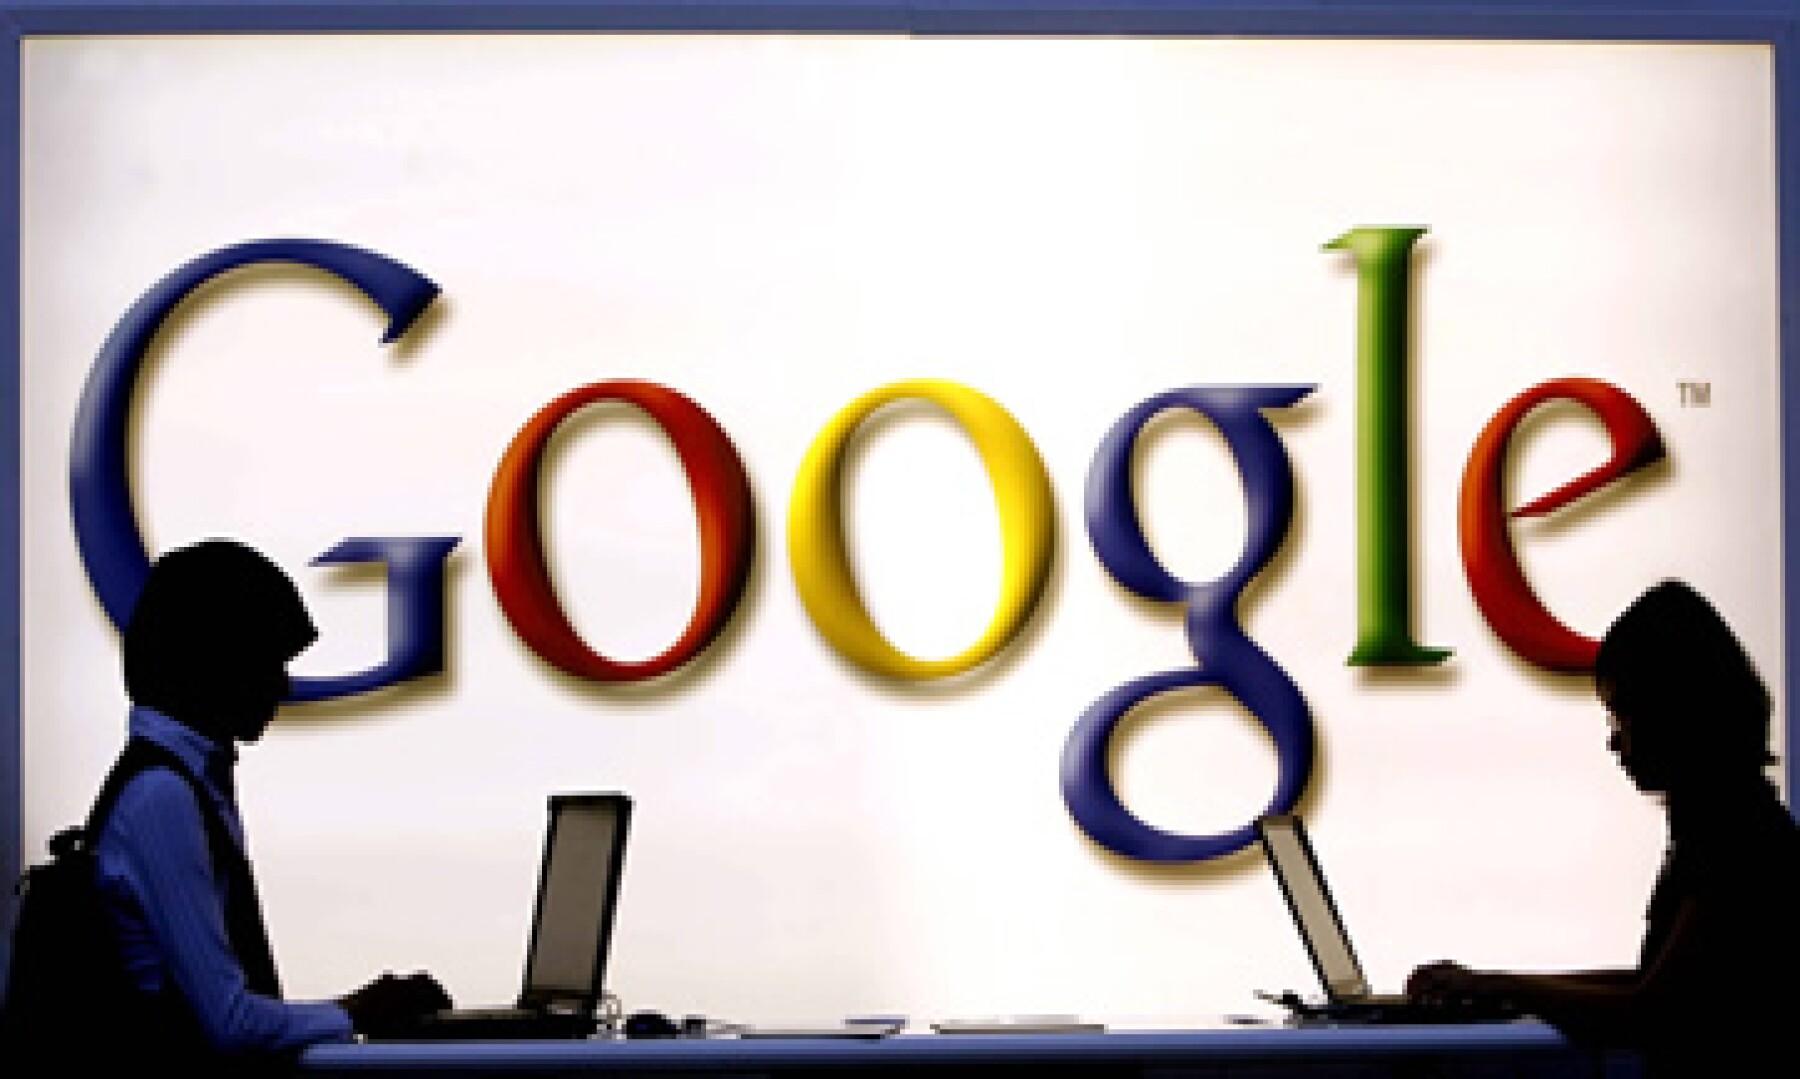 Google combina datos recopilados de usuarios individuales en sus servicios, incluyendo a YouTube, Gmail y la red social Google+. (Foto: AP)